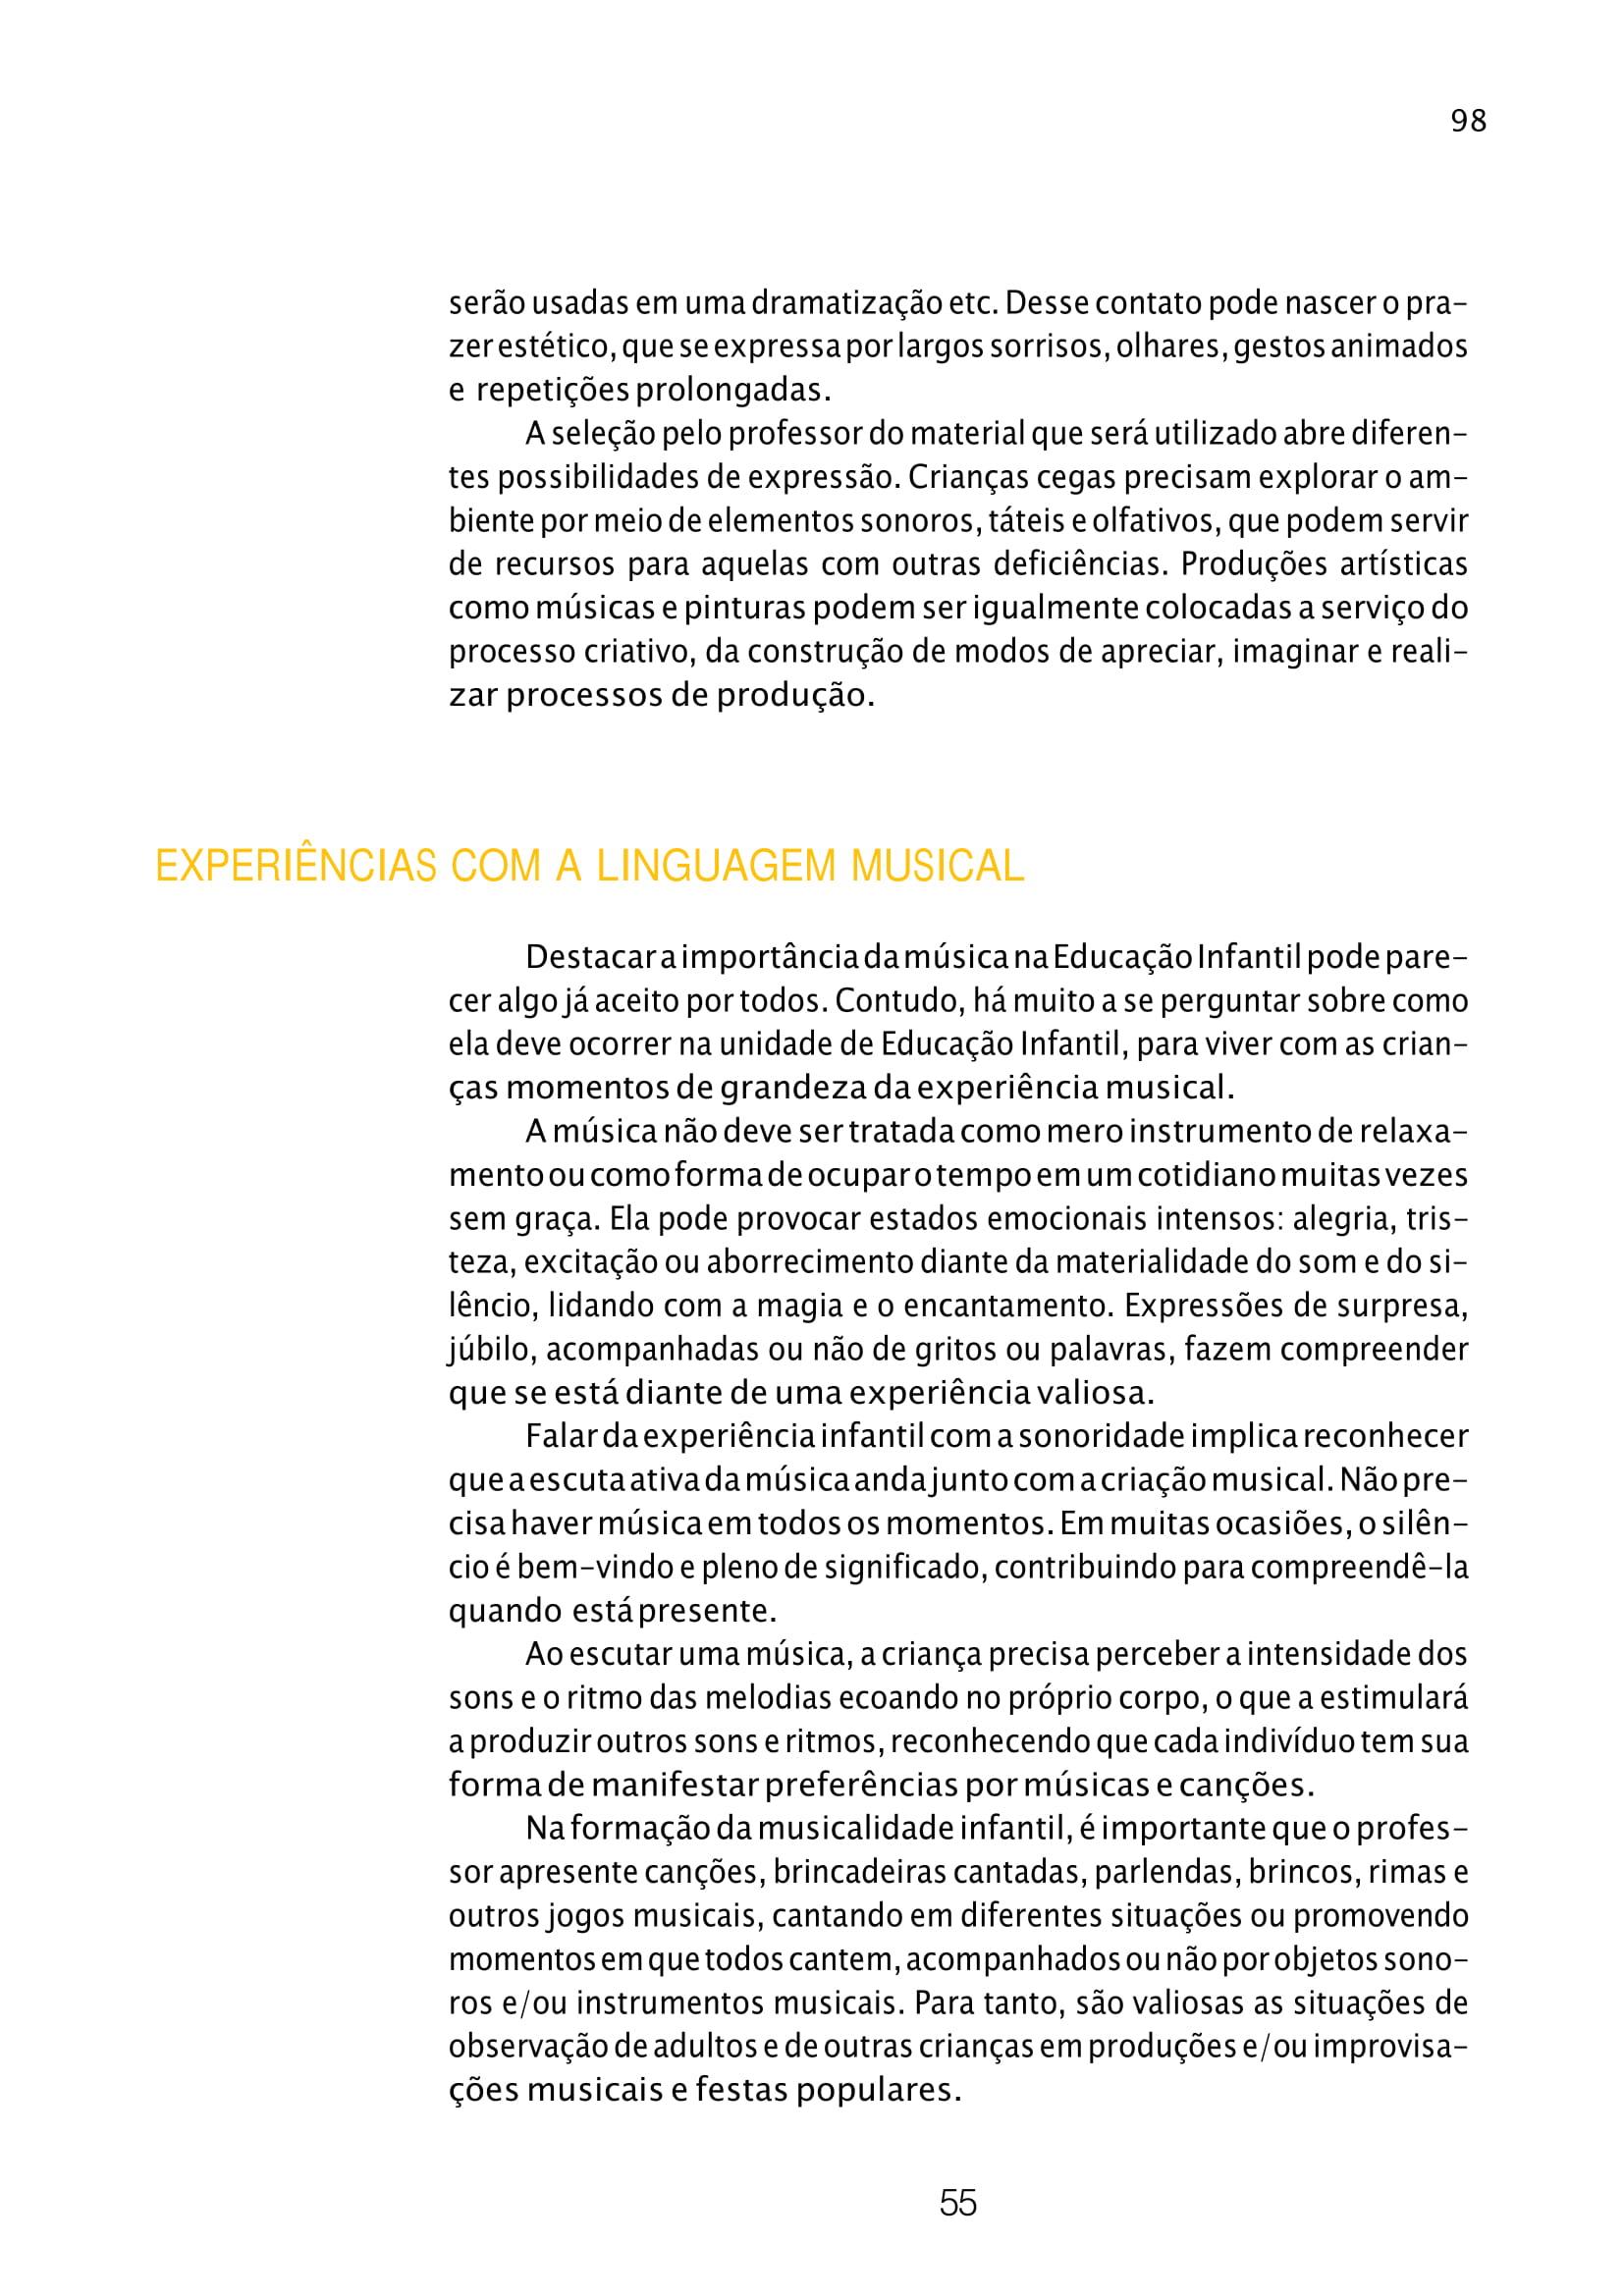 planejamento-educação-infantil-bncc-geral-128